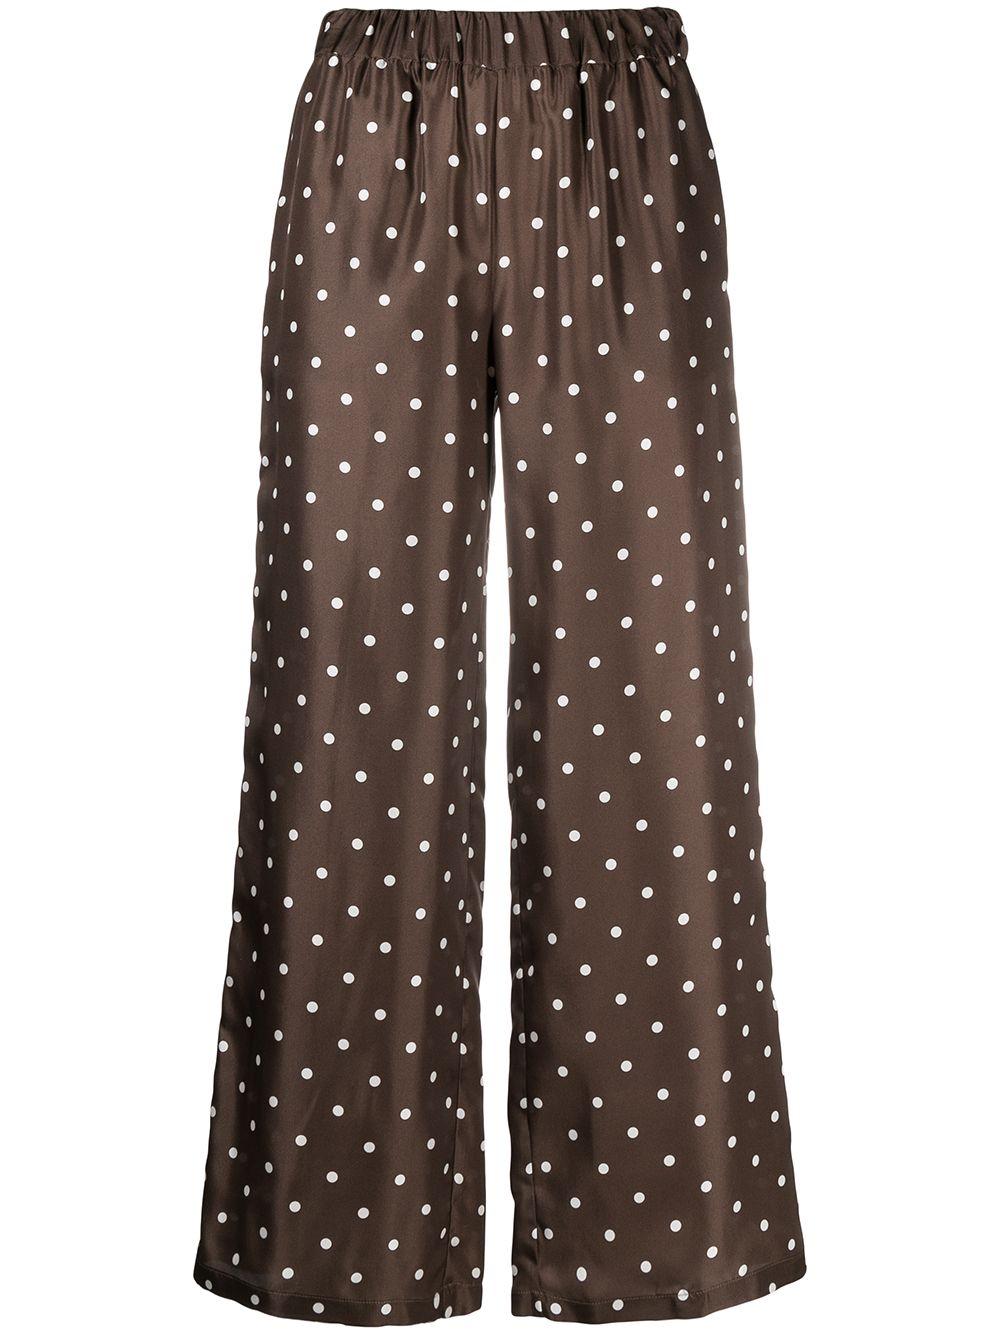 Pantaloni palazzo marroni in seta stampata a pois P.A.R.O.S.H. | Pantaloni | D230260-SIPO808